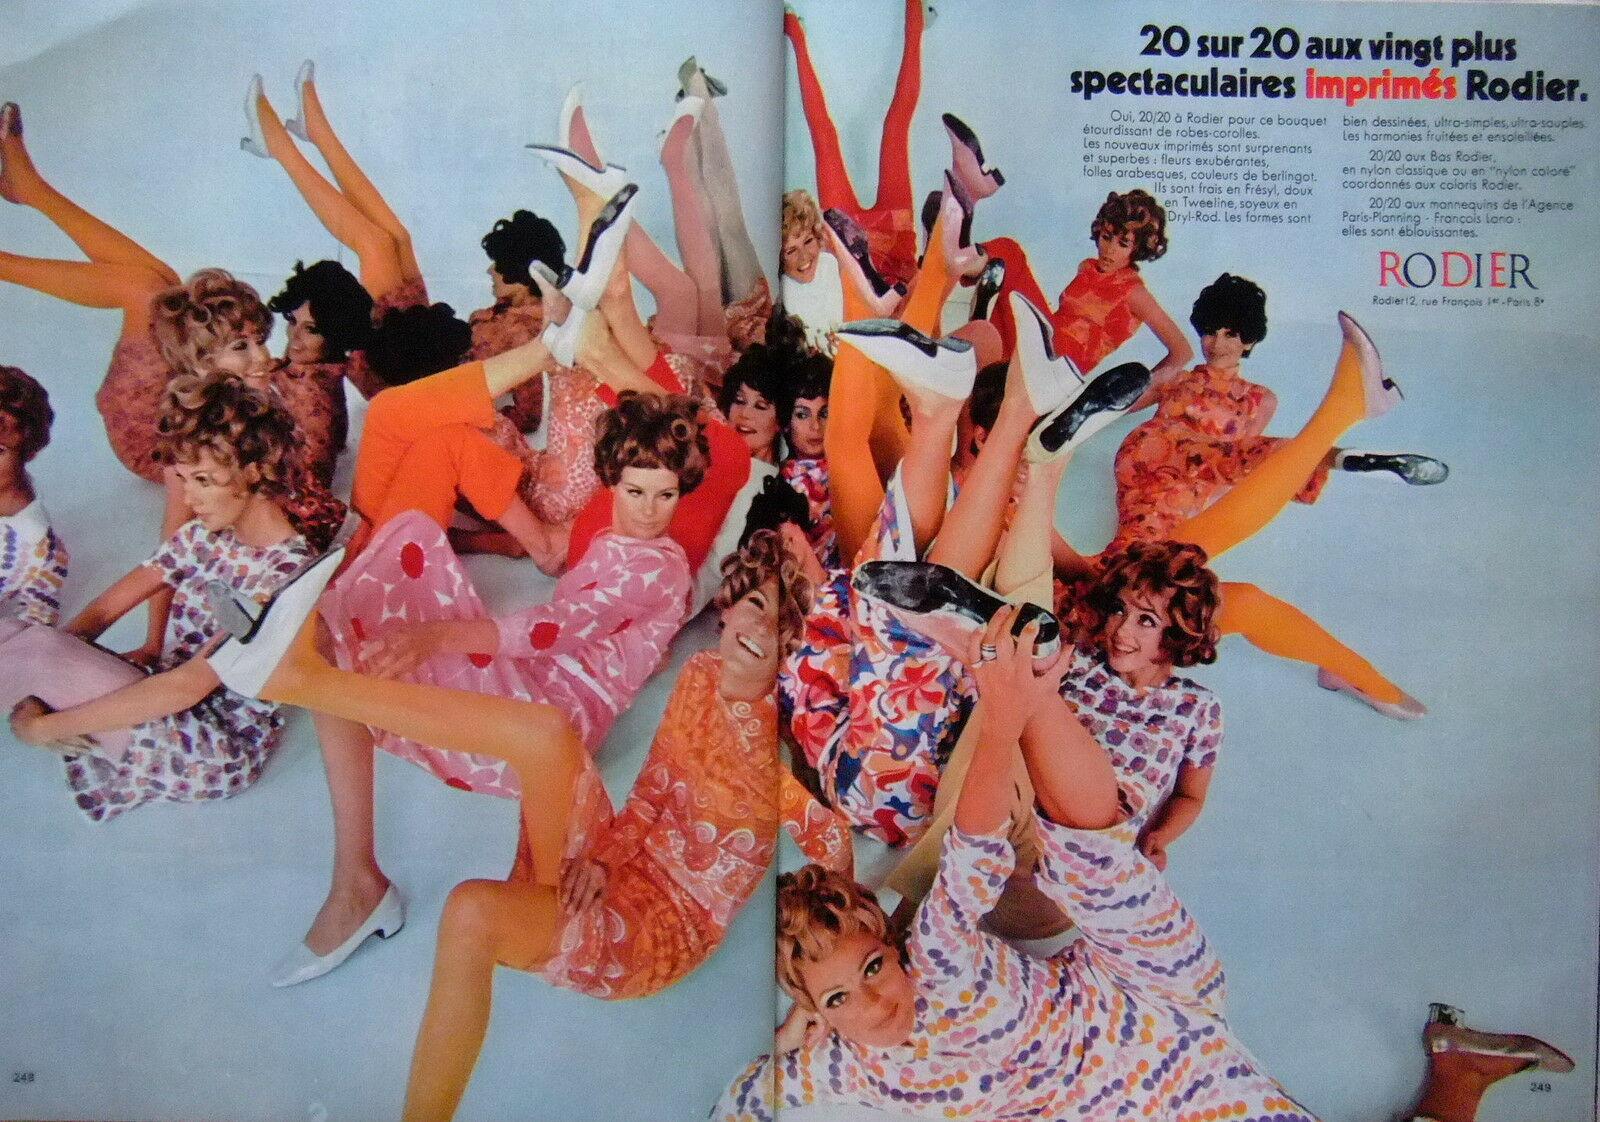 1968 RODIER Imprimes